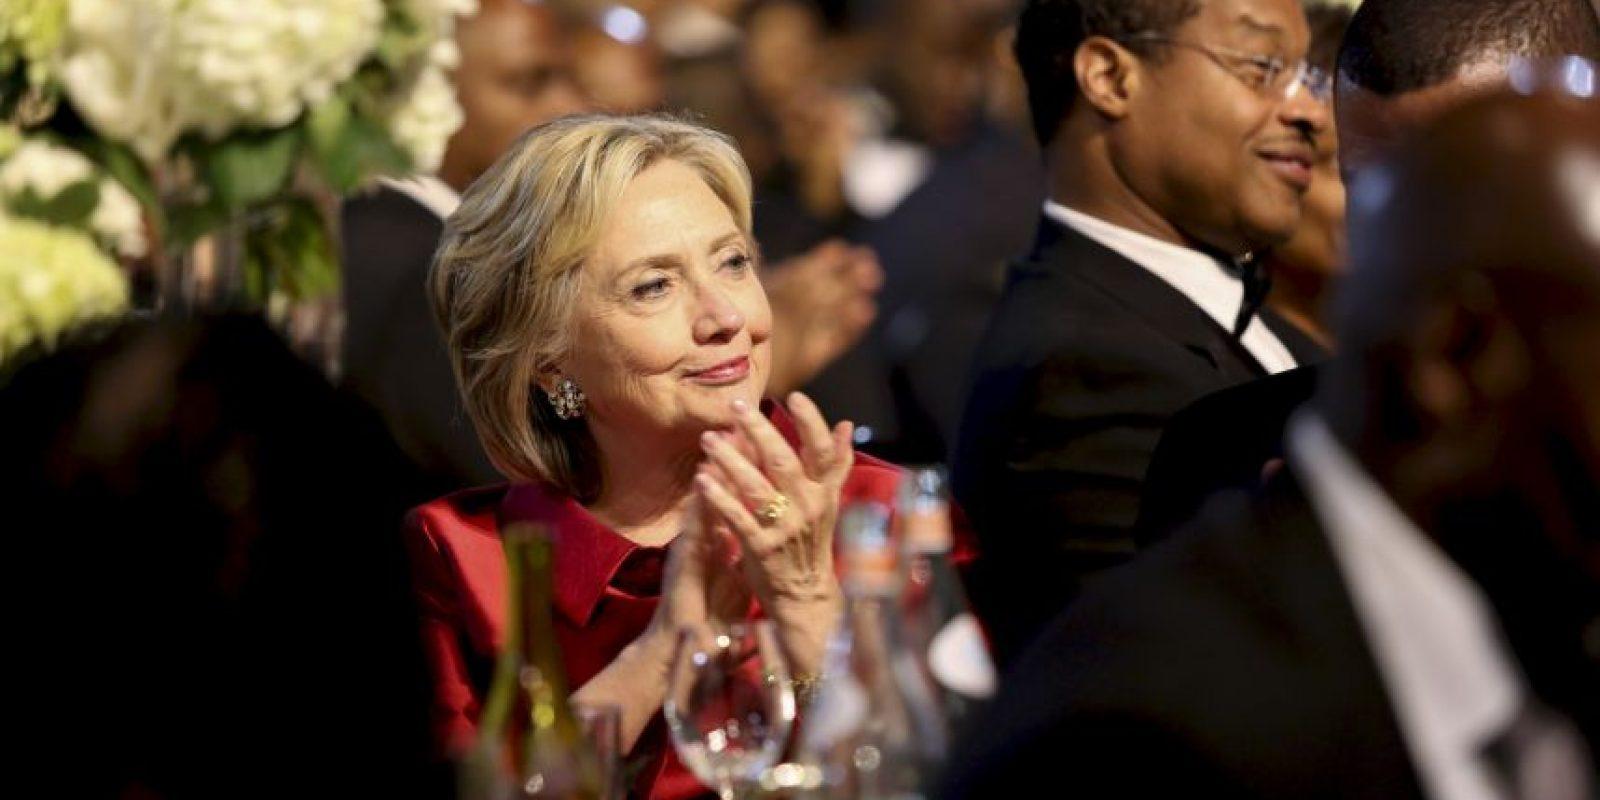 Sin embargo, sus acciones han dado pie a que miembros a favor del Partido Republicano la critiquen. Foto:Getty Images